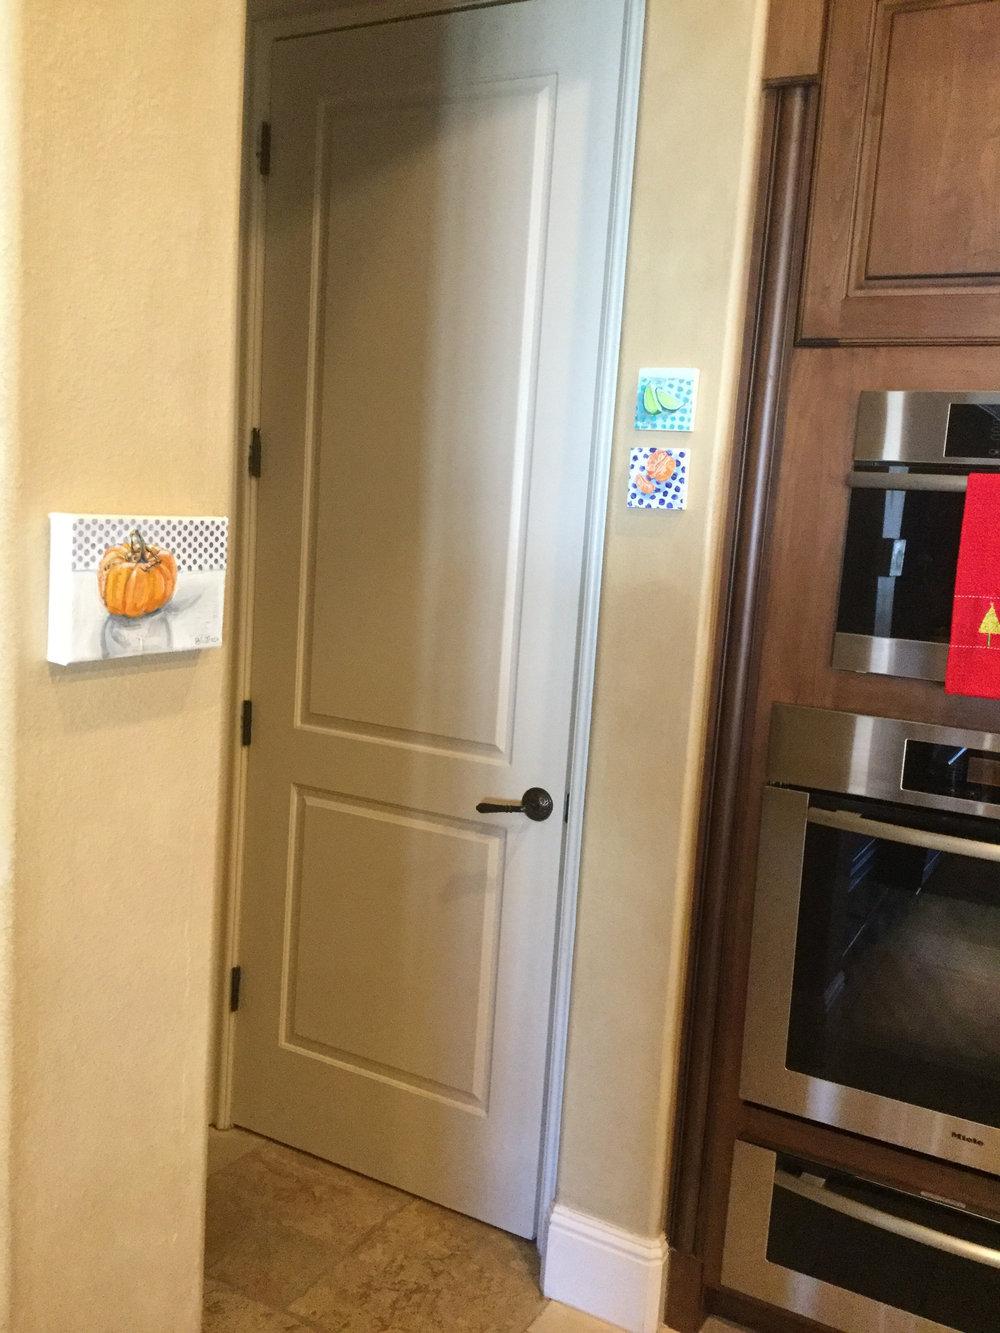 Polly art kitchen.jpg